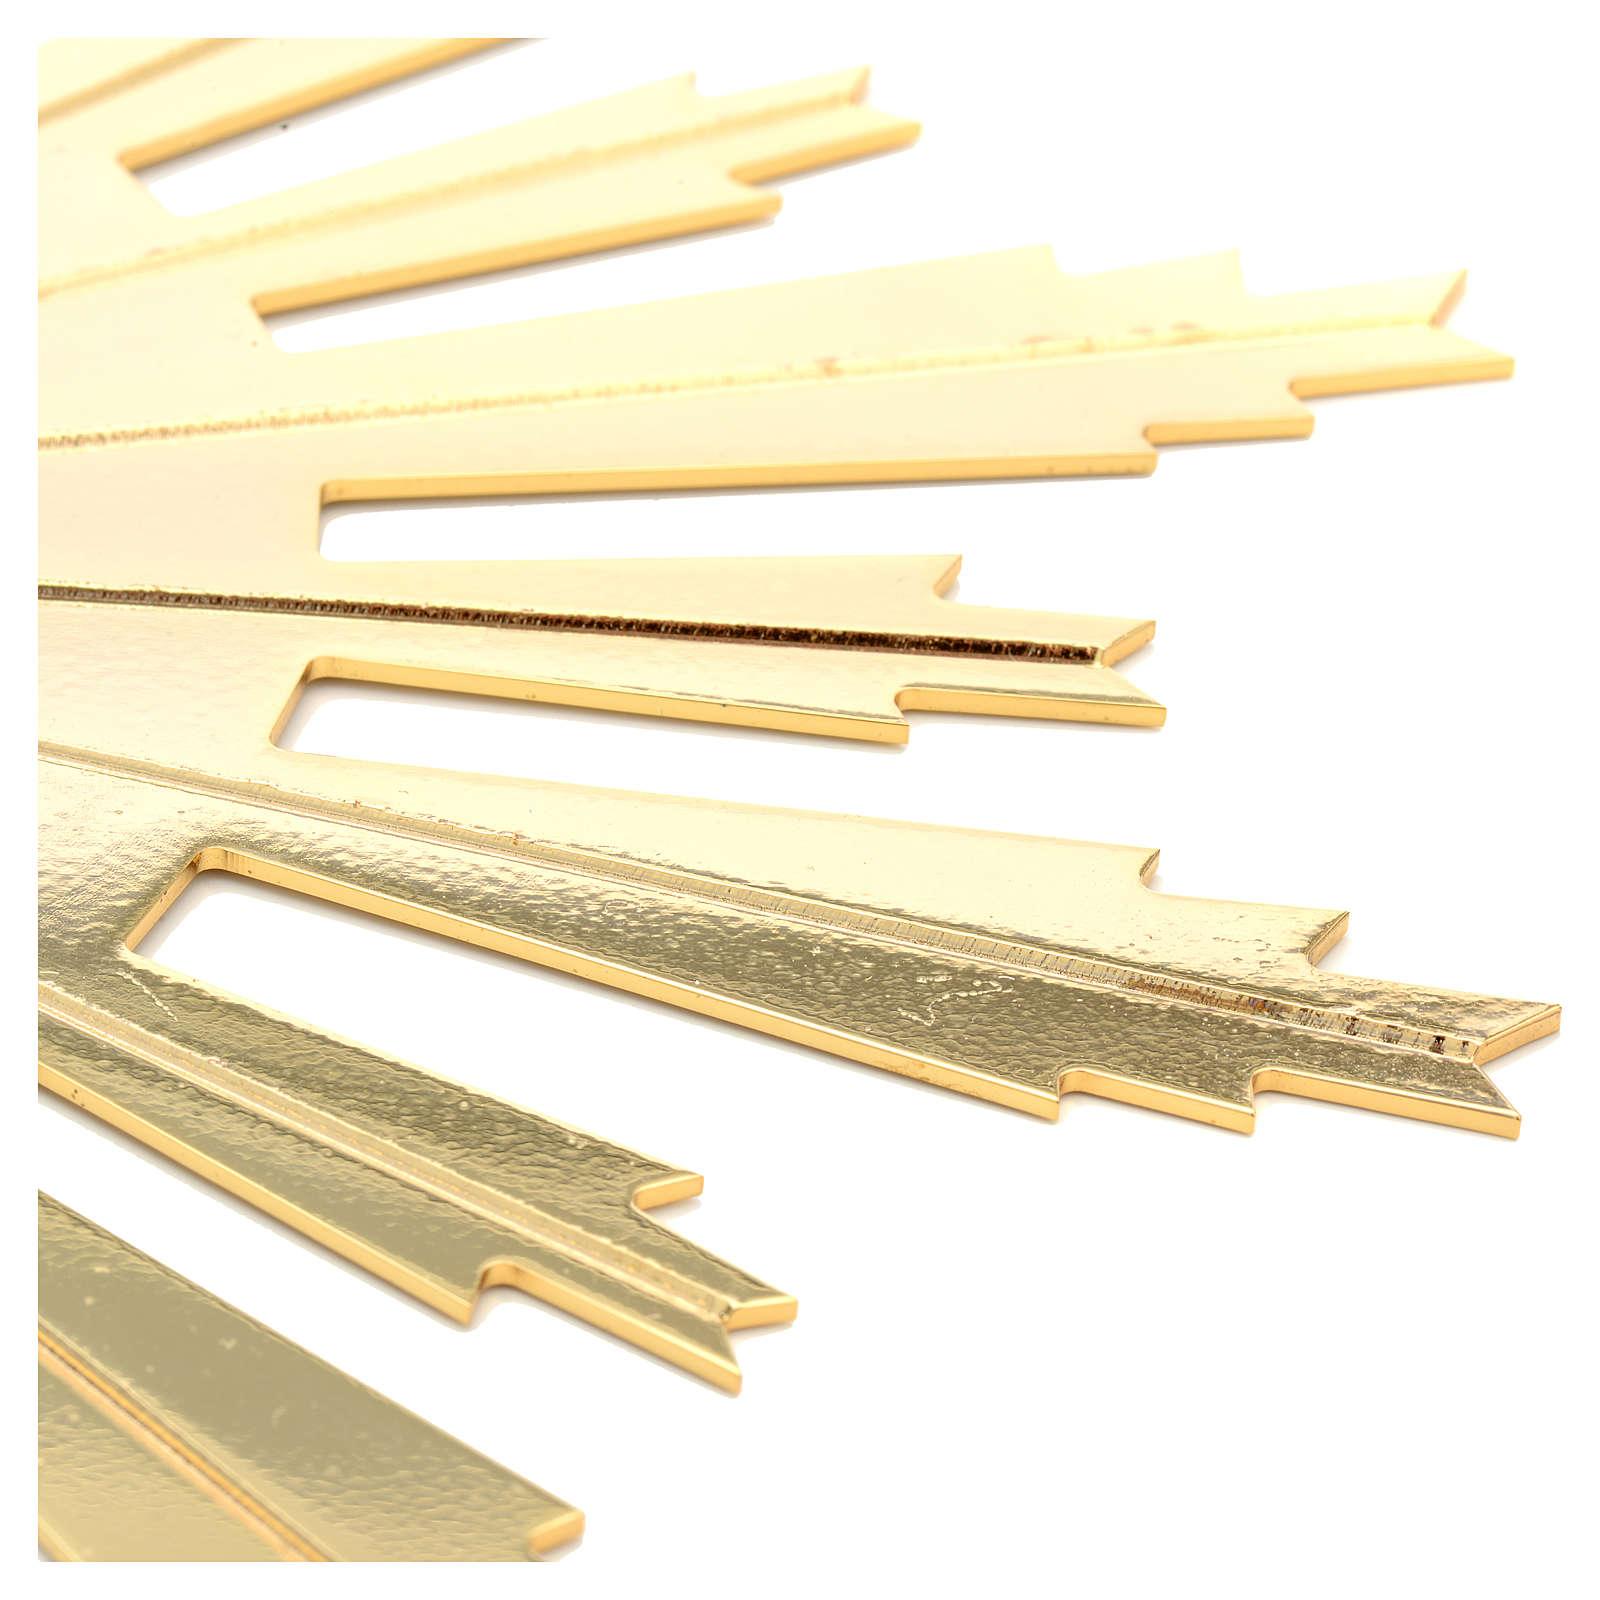 Raggiera ottone dorato raggi incisi 25 cm 3